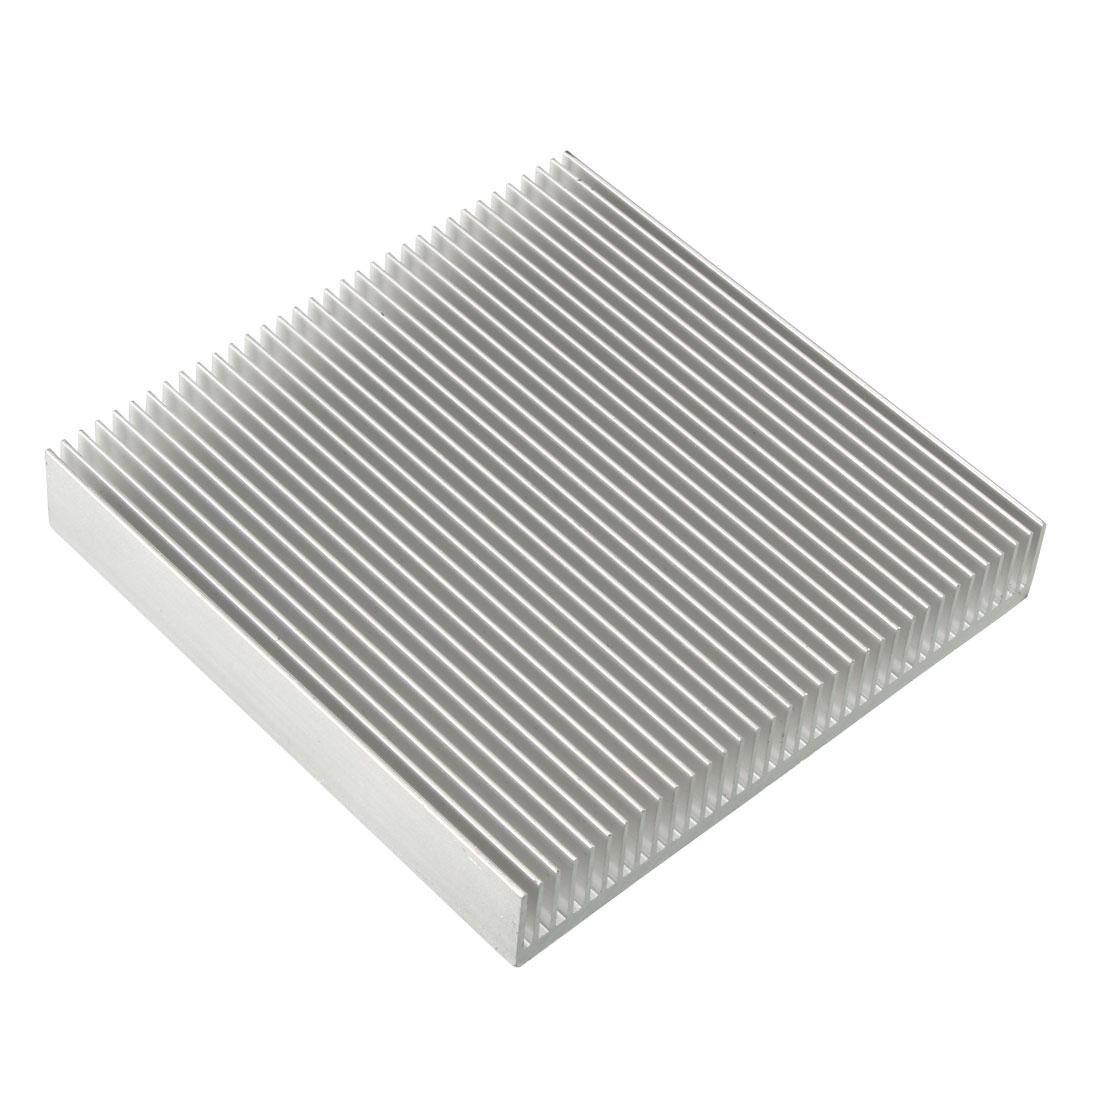 Aluminum Heatsink Cooler Circuit Board Cooling Fin Silver Tone 90mmx90mmx15mm